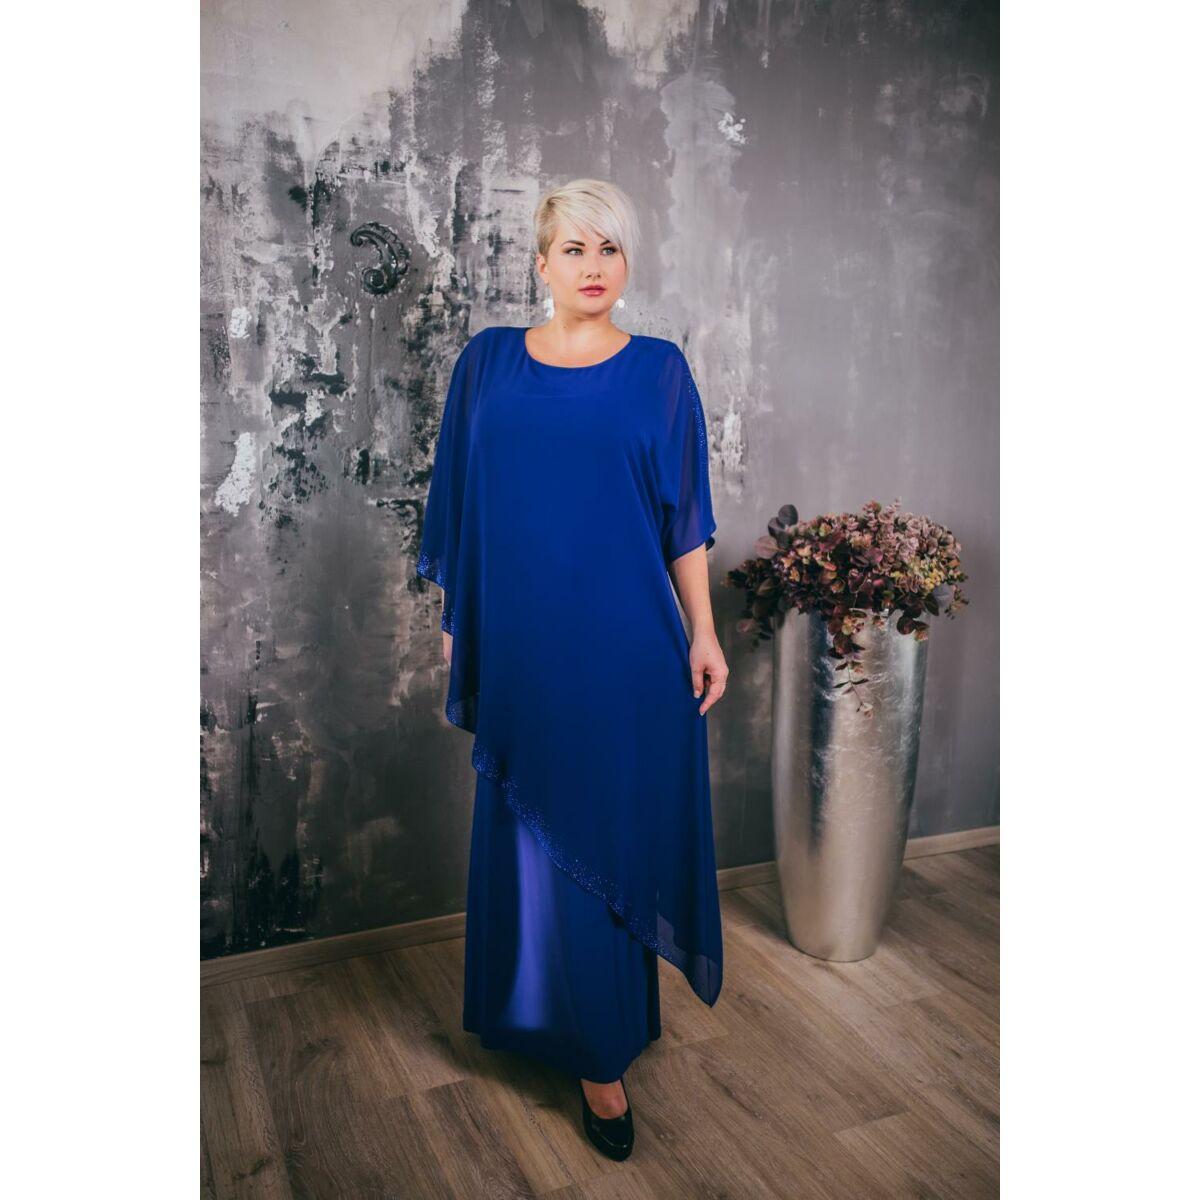 Chia ruha - nagyméretű örömanya és alkalmi maxi ruha